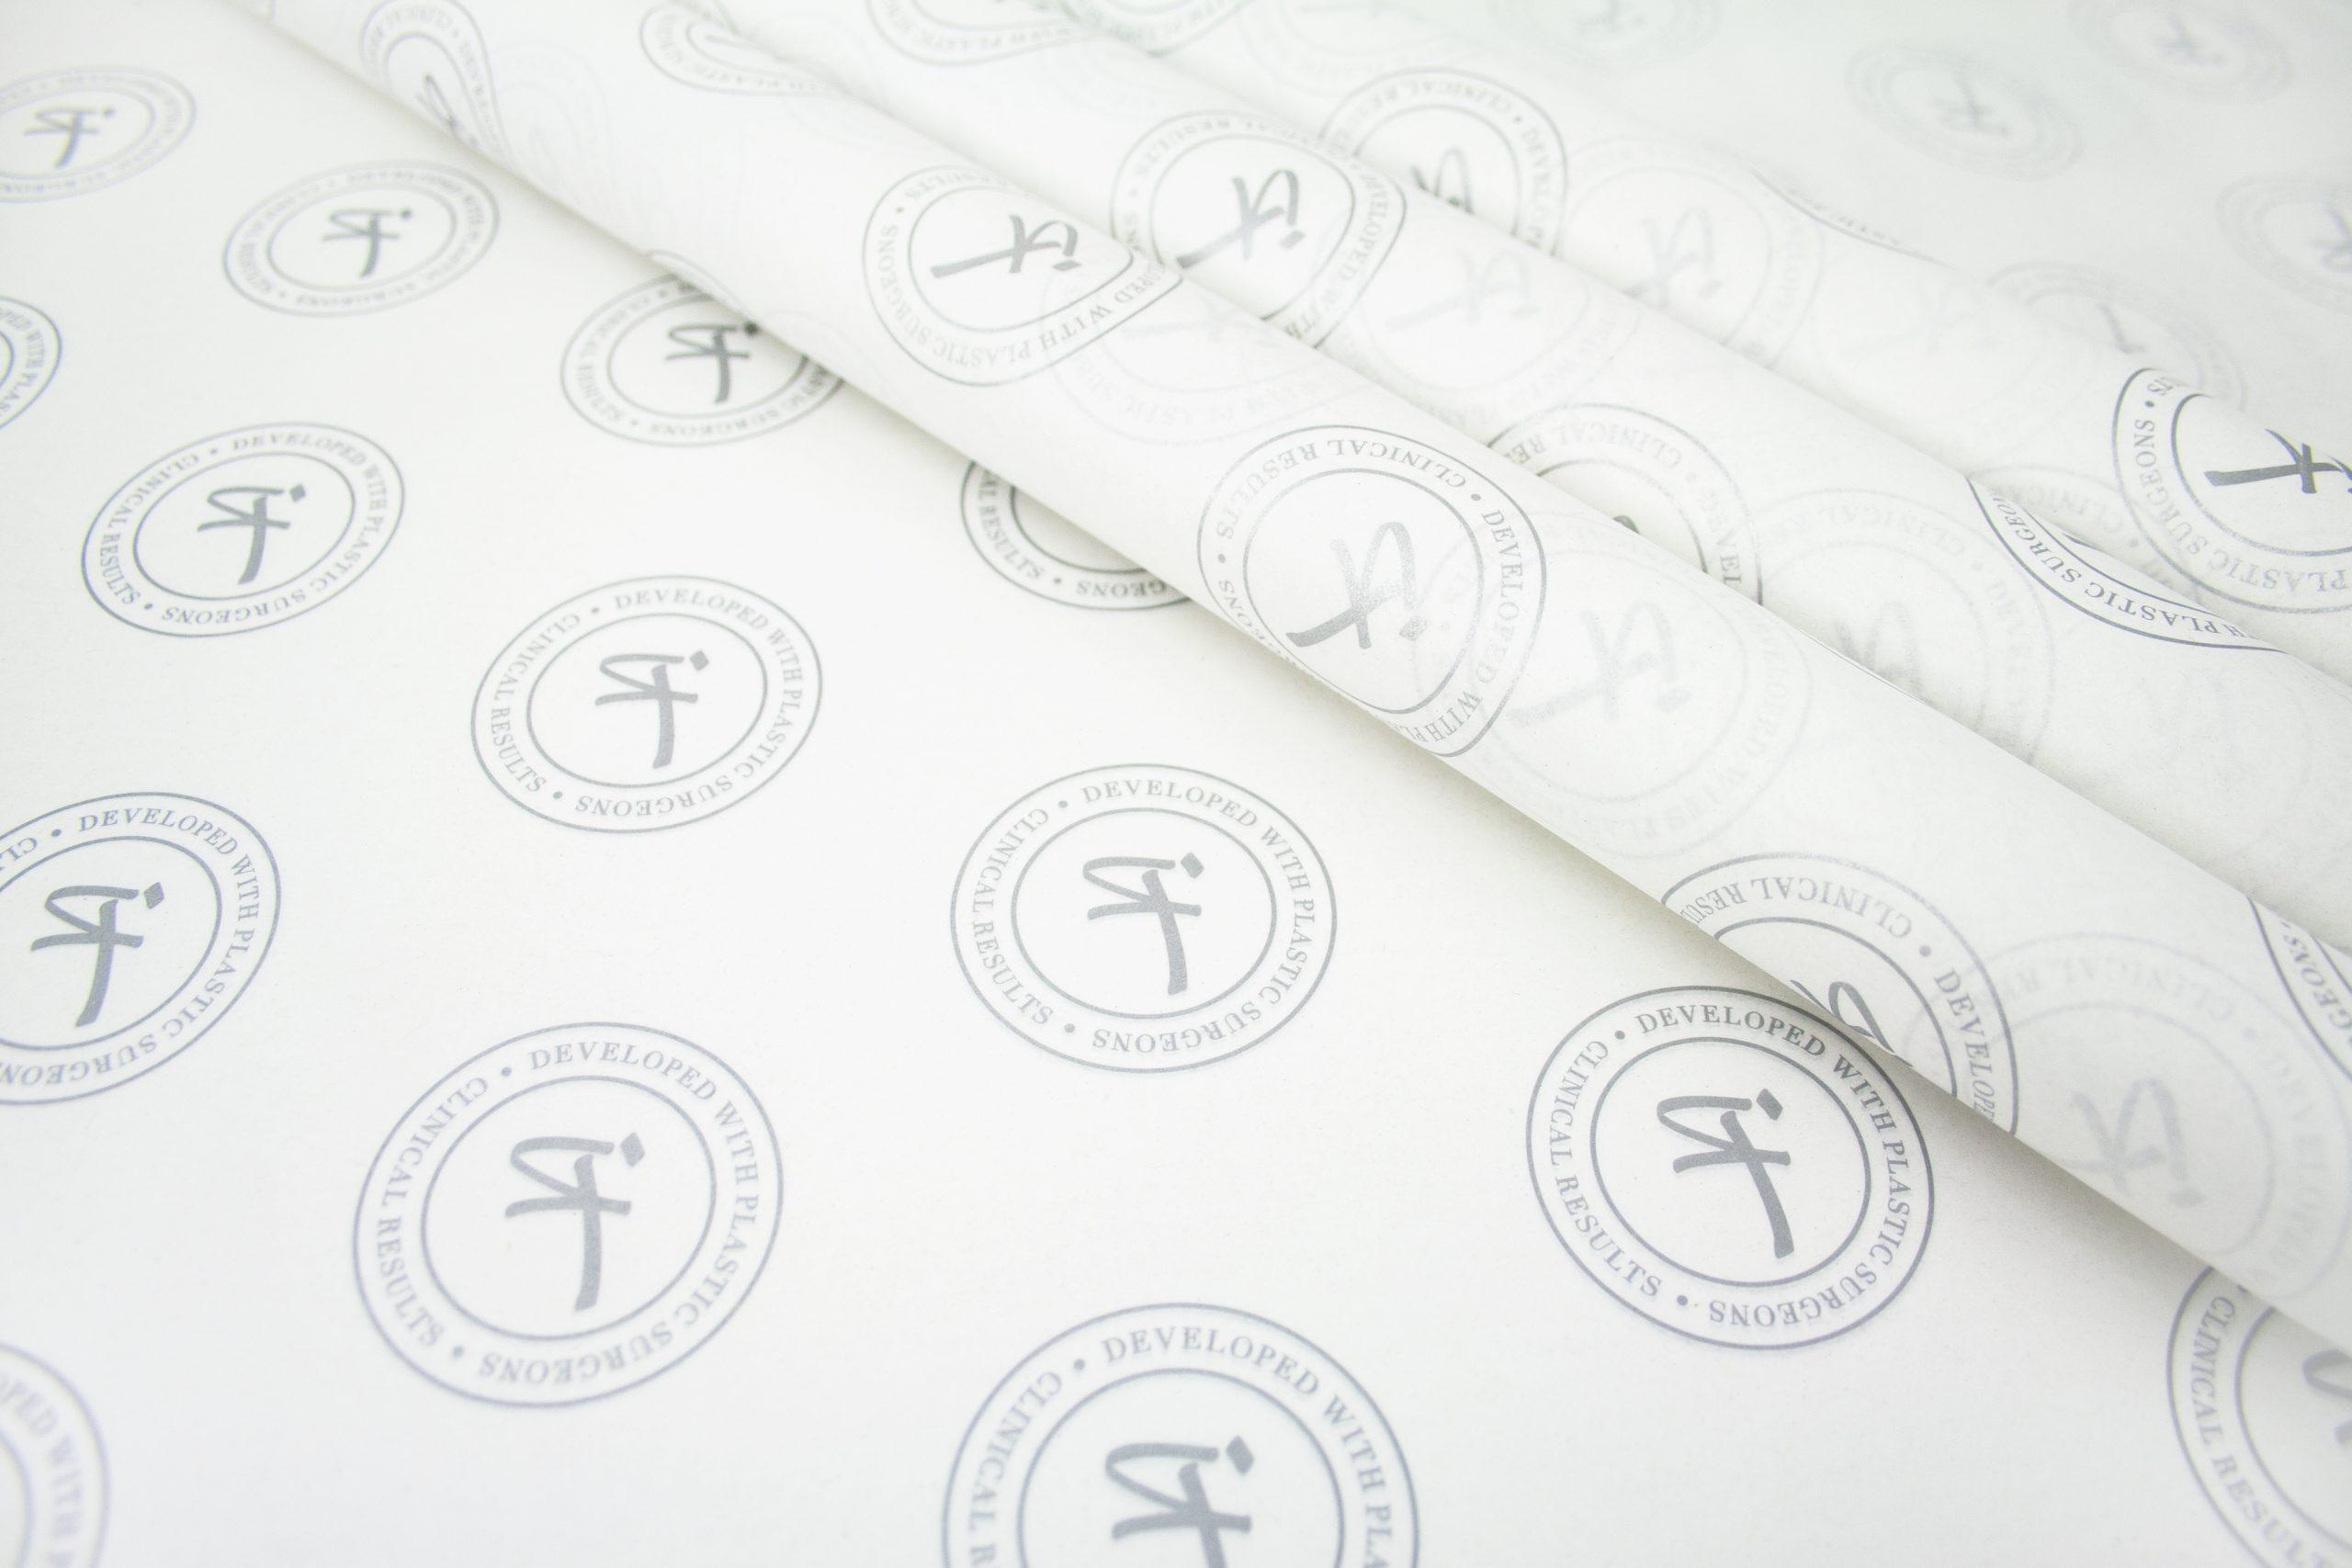 Zijdepapier gepersonaliseerd met logo